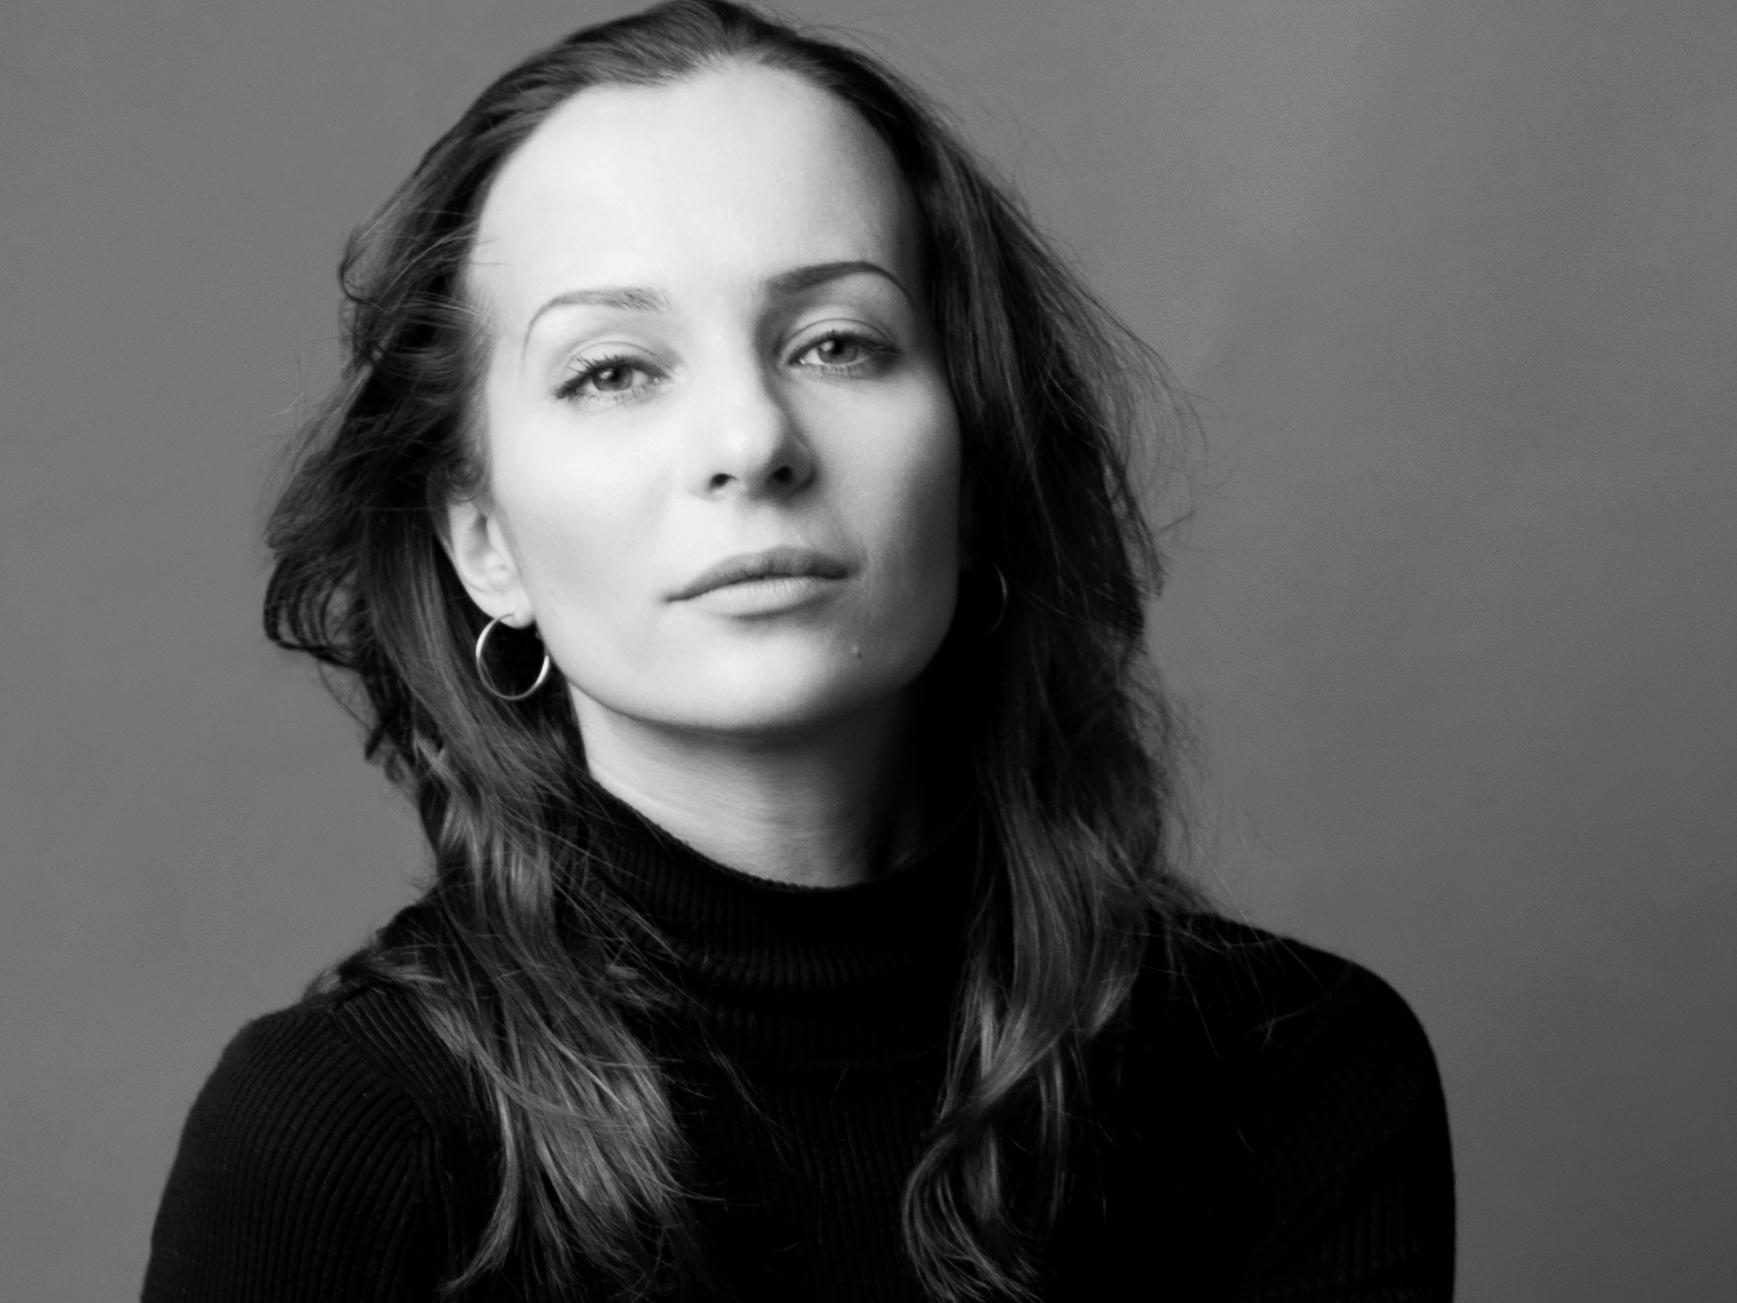 Katja Khaniukova